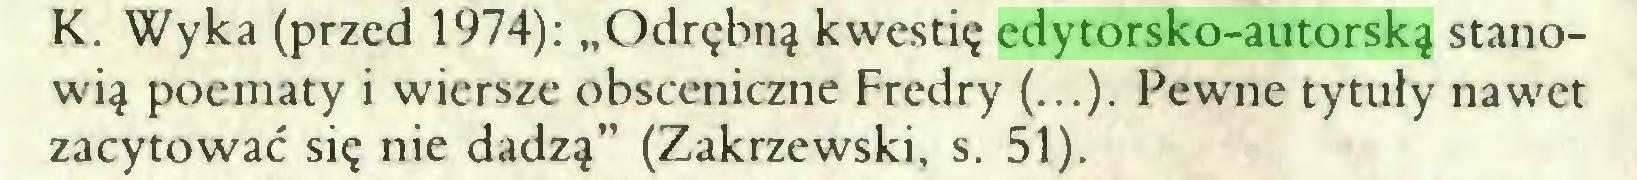 """(...) K. Wyka (przed 1974): """"Odrębną kwestię edytorsko-autorską stanowią poematy i wiersze obsceniczne Fredry (...). Pewne tytuły nawet zacytować się nie dadzą"""" (Zakrzewski, s. 51)..."""